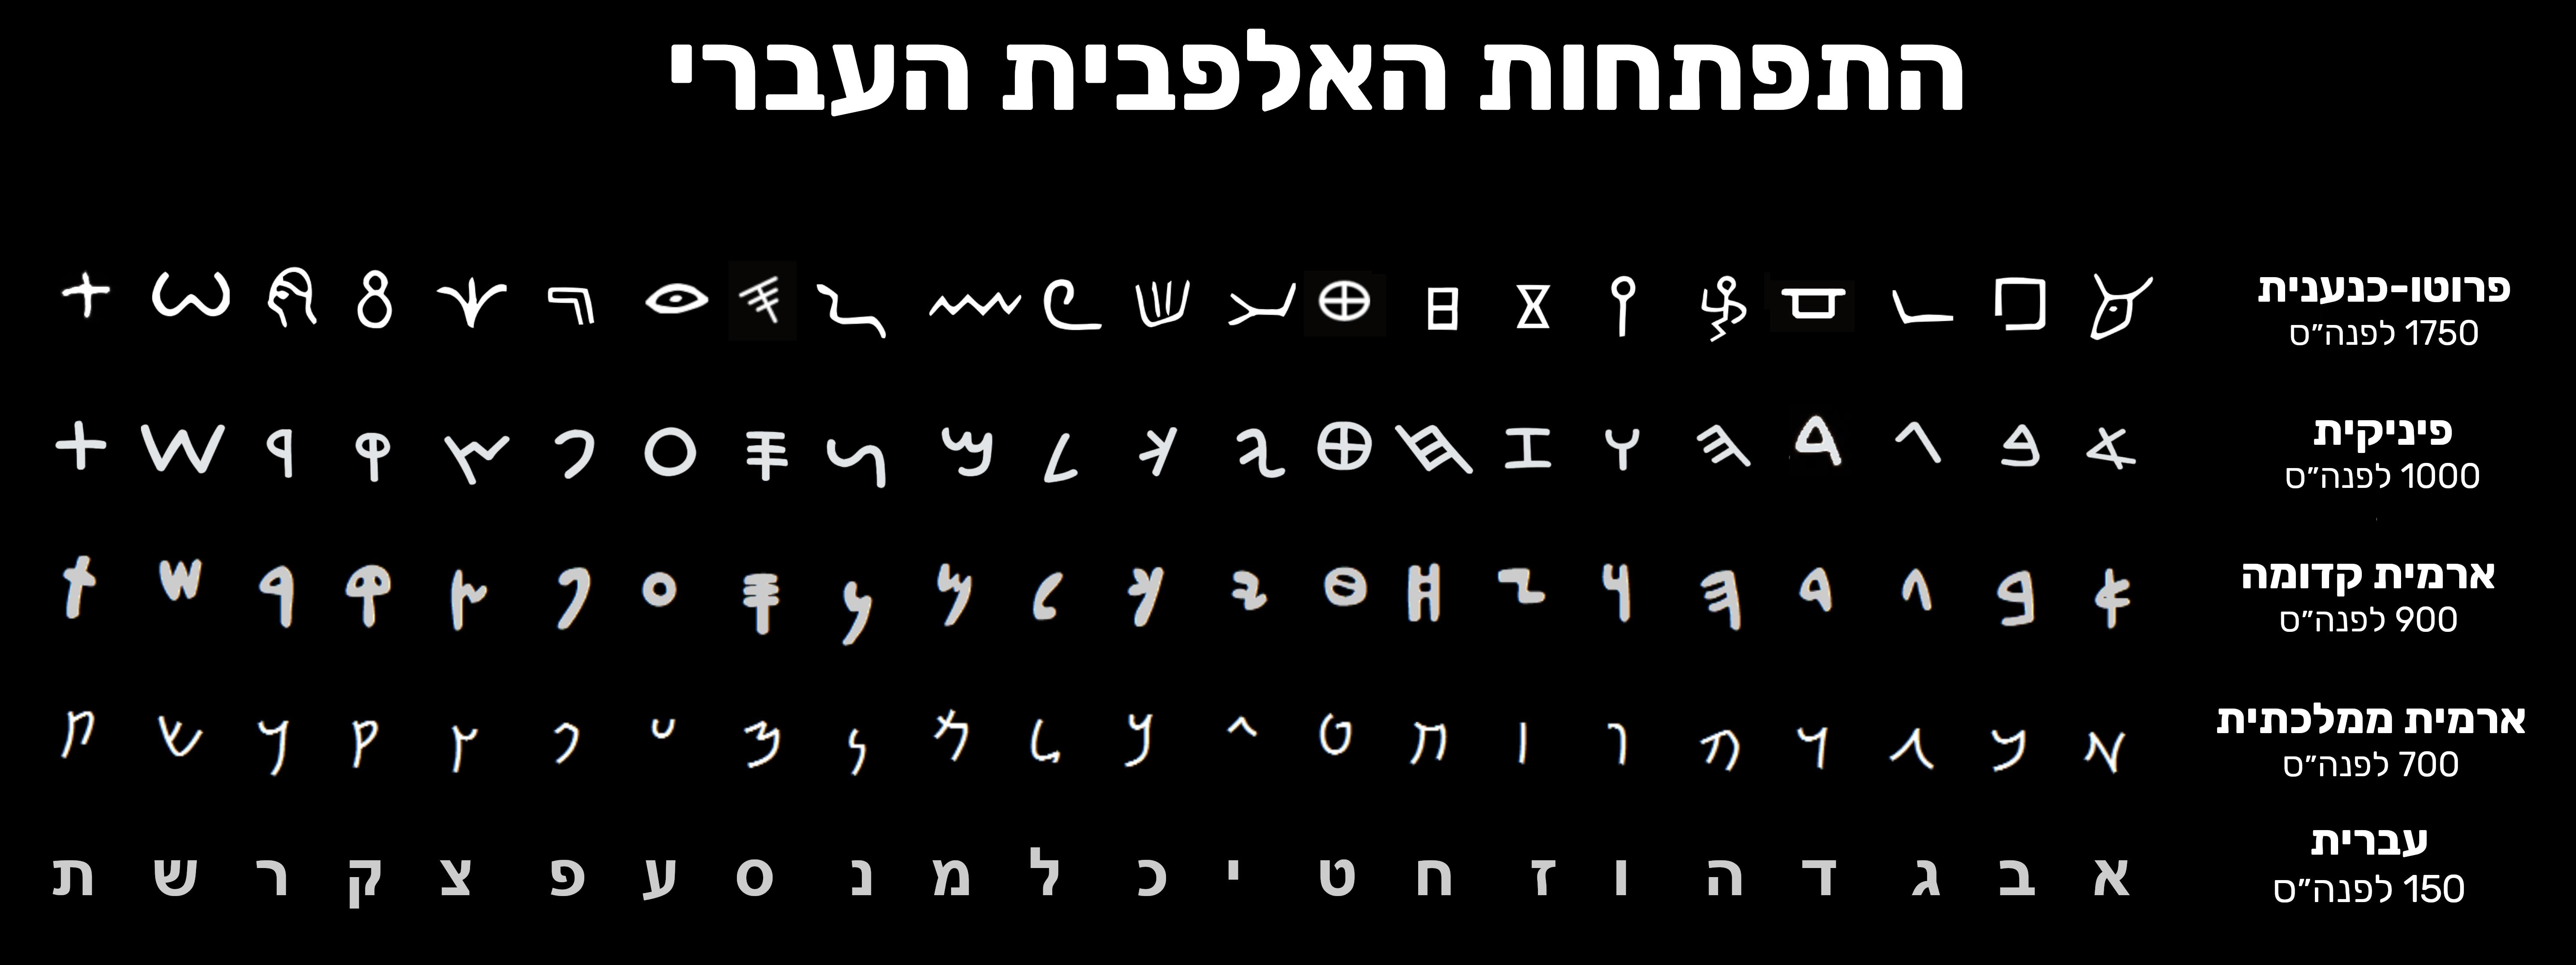 האבולוציה של האלפבית העברי